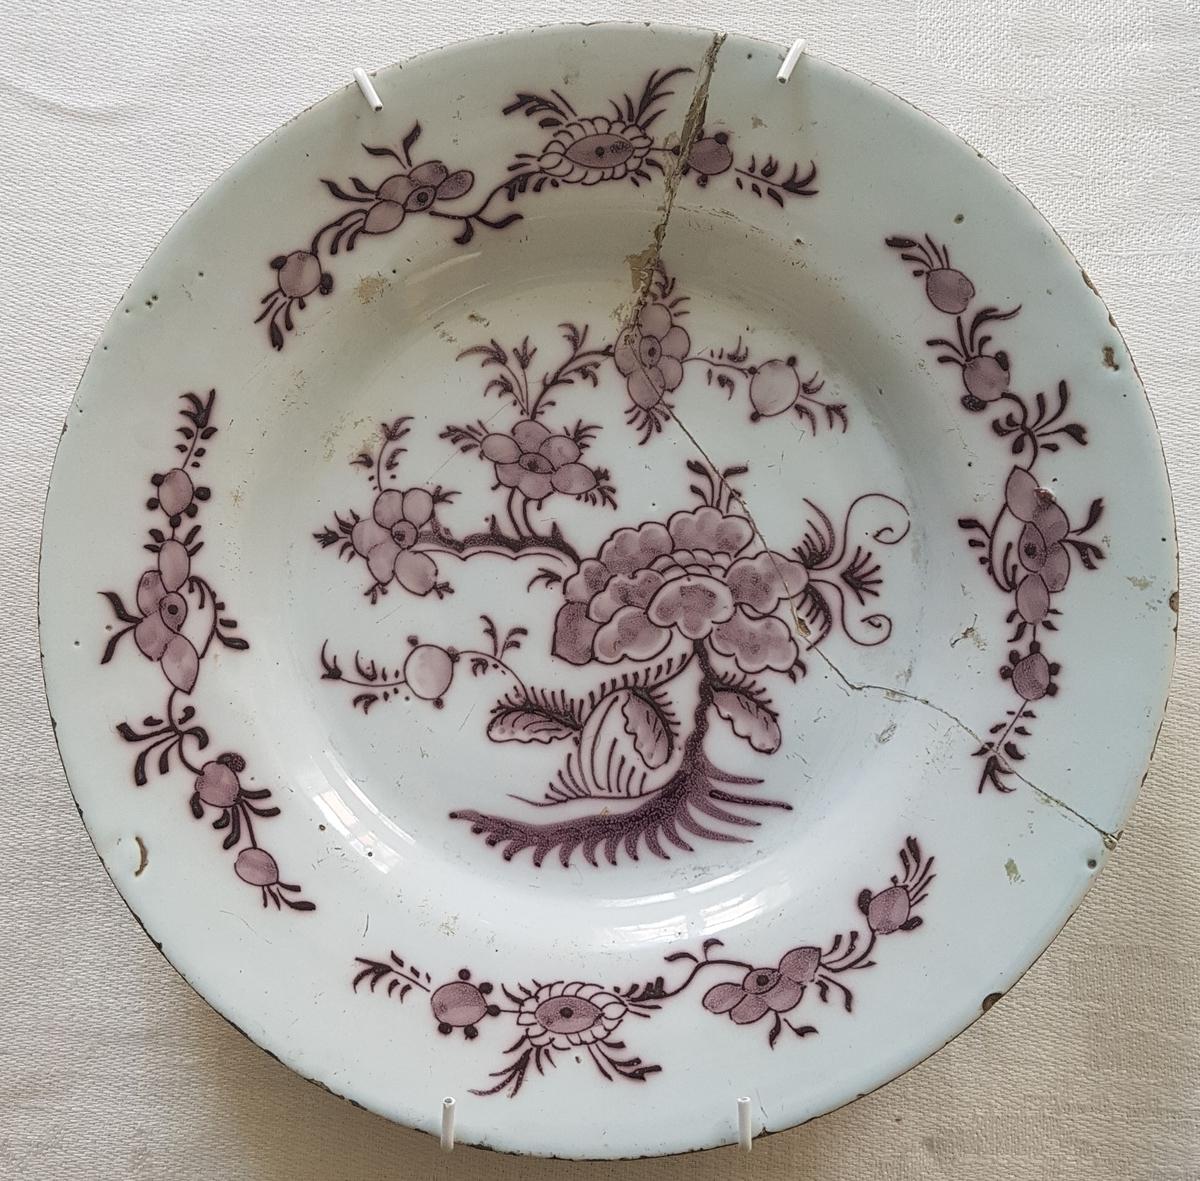 Hvitglasert tallerken med auberginefarget håndmalt blomsterdekor.